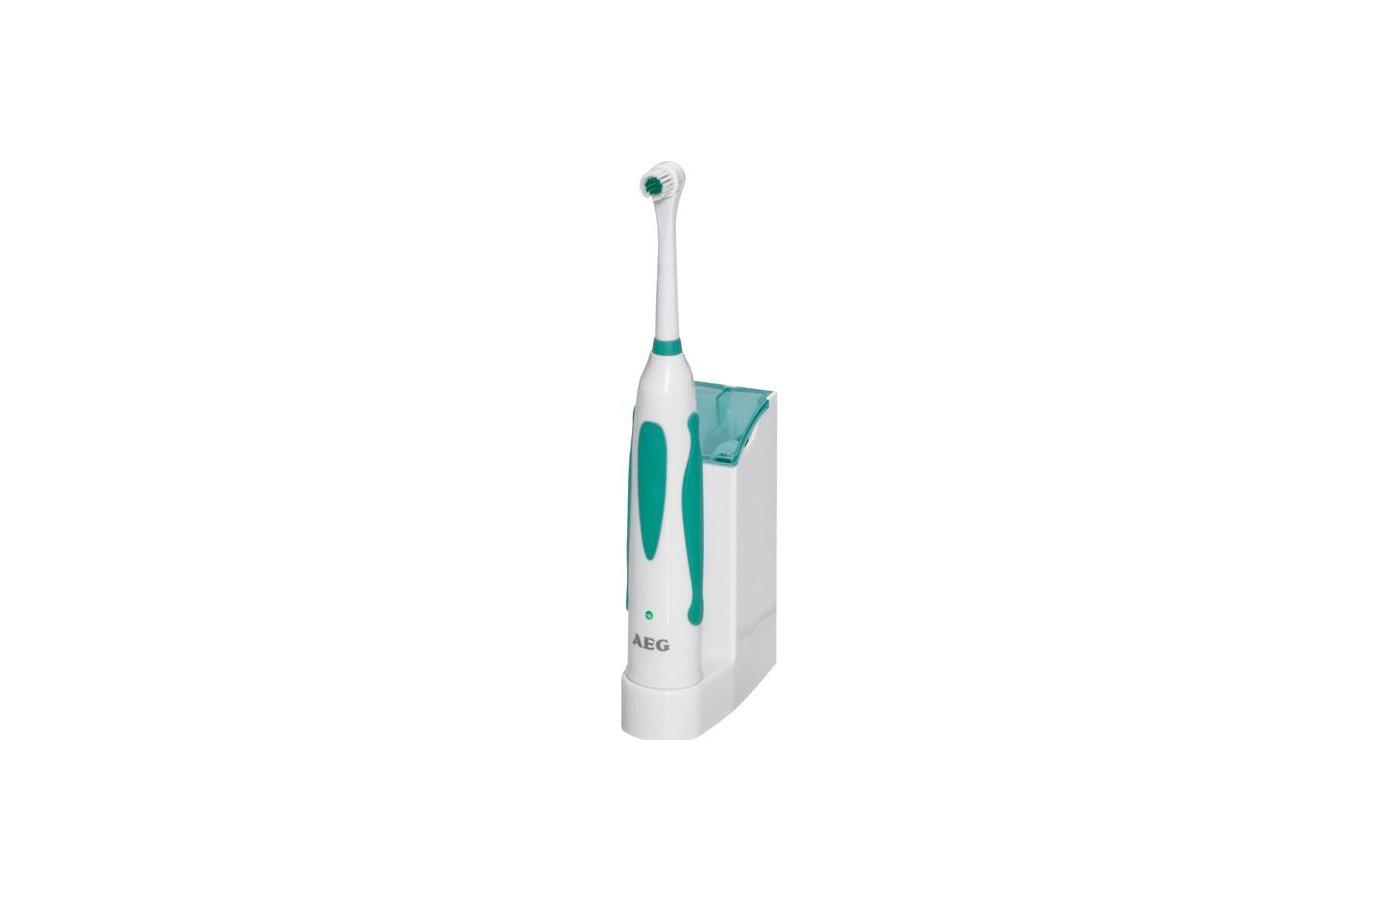 Зубные щетки электрические AEG EZ 5623 weib-grun